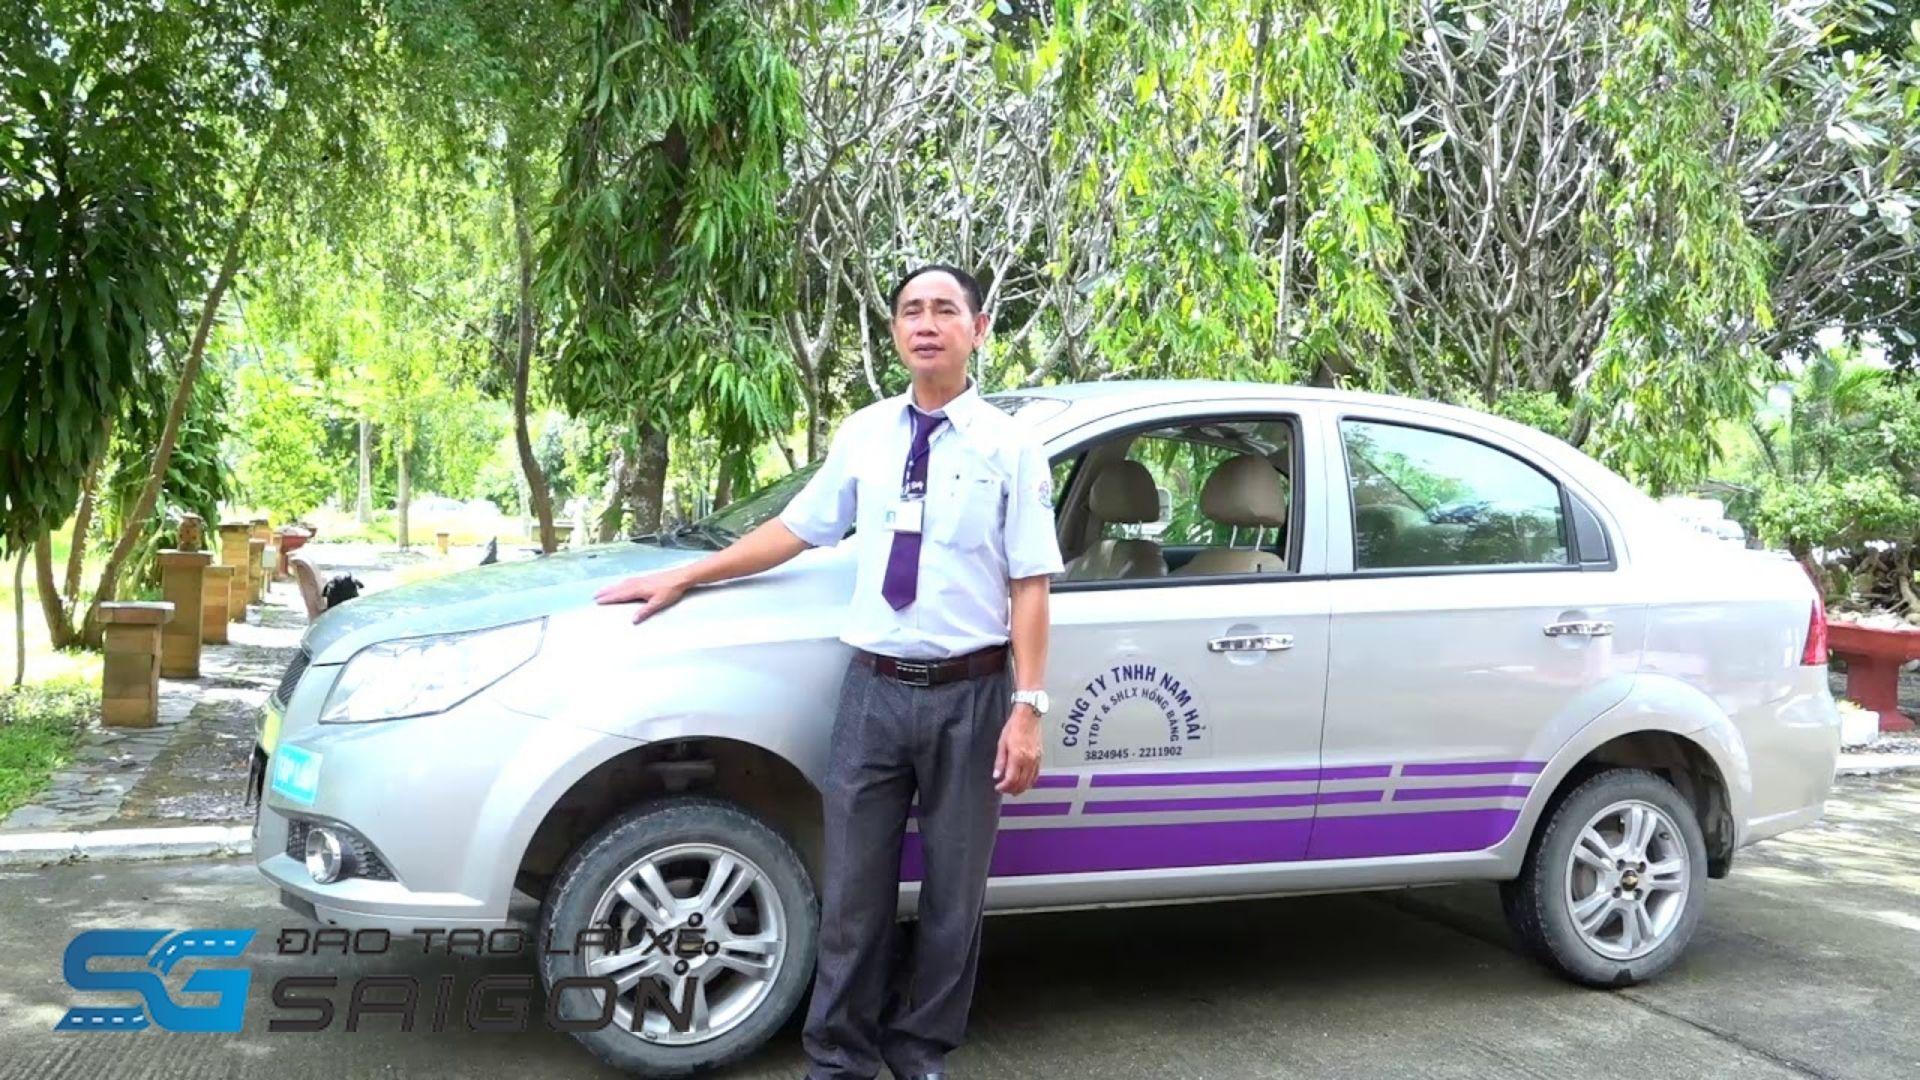 Trung tâm đào tạo và sát hạch bằng lái xe B2 Hồng Bàng là cái tên quá đổi quen thuộc. Đối với những học viên đang sở hữu nhu cầu học lái xe ô tô ngay tại thành phố biển Nha Trang.